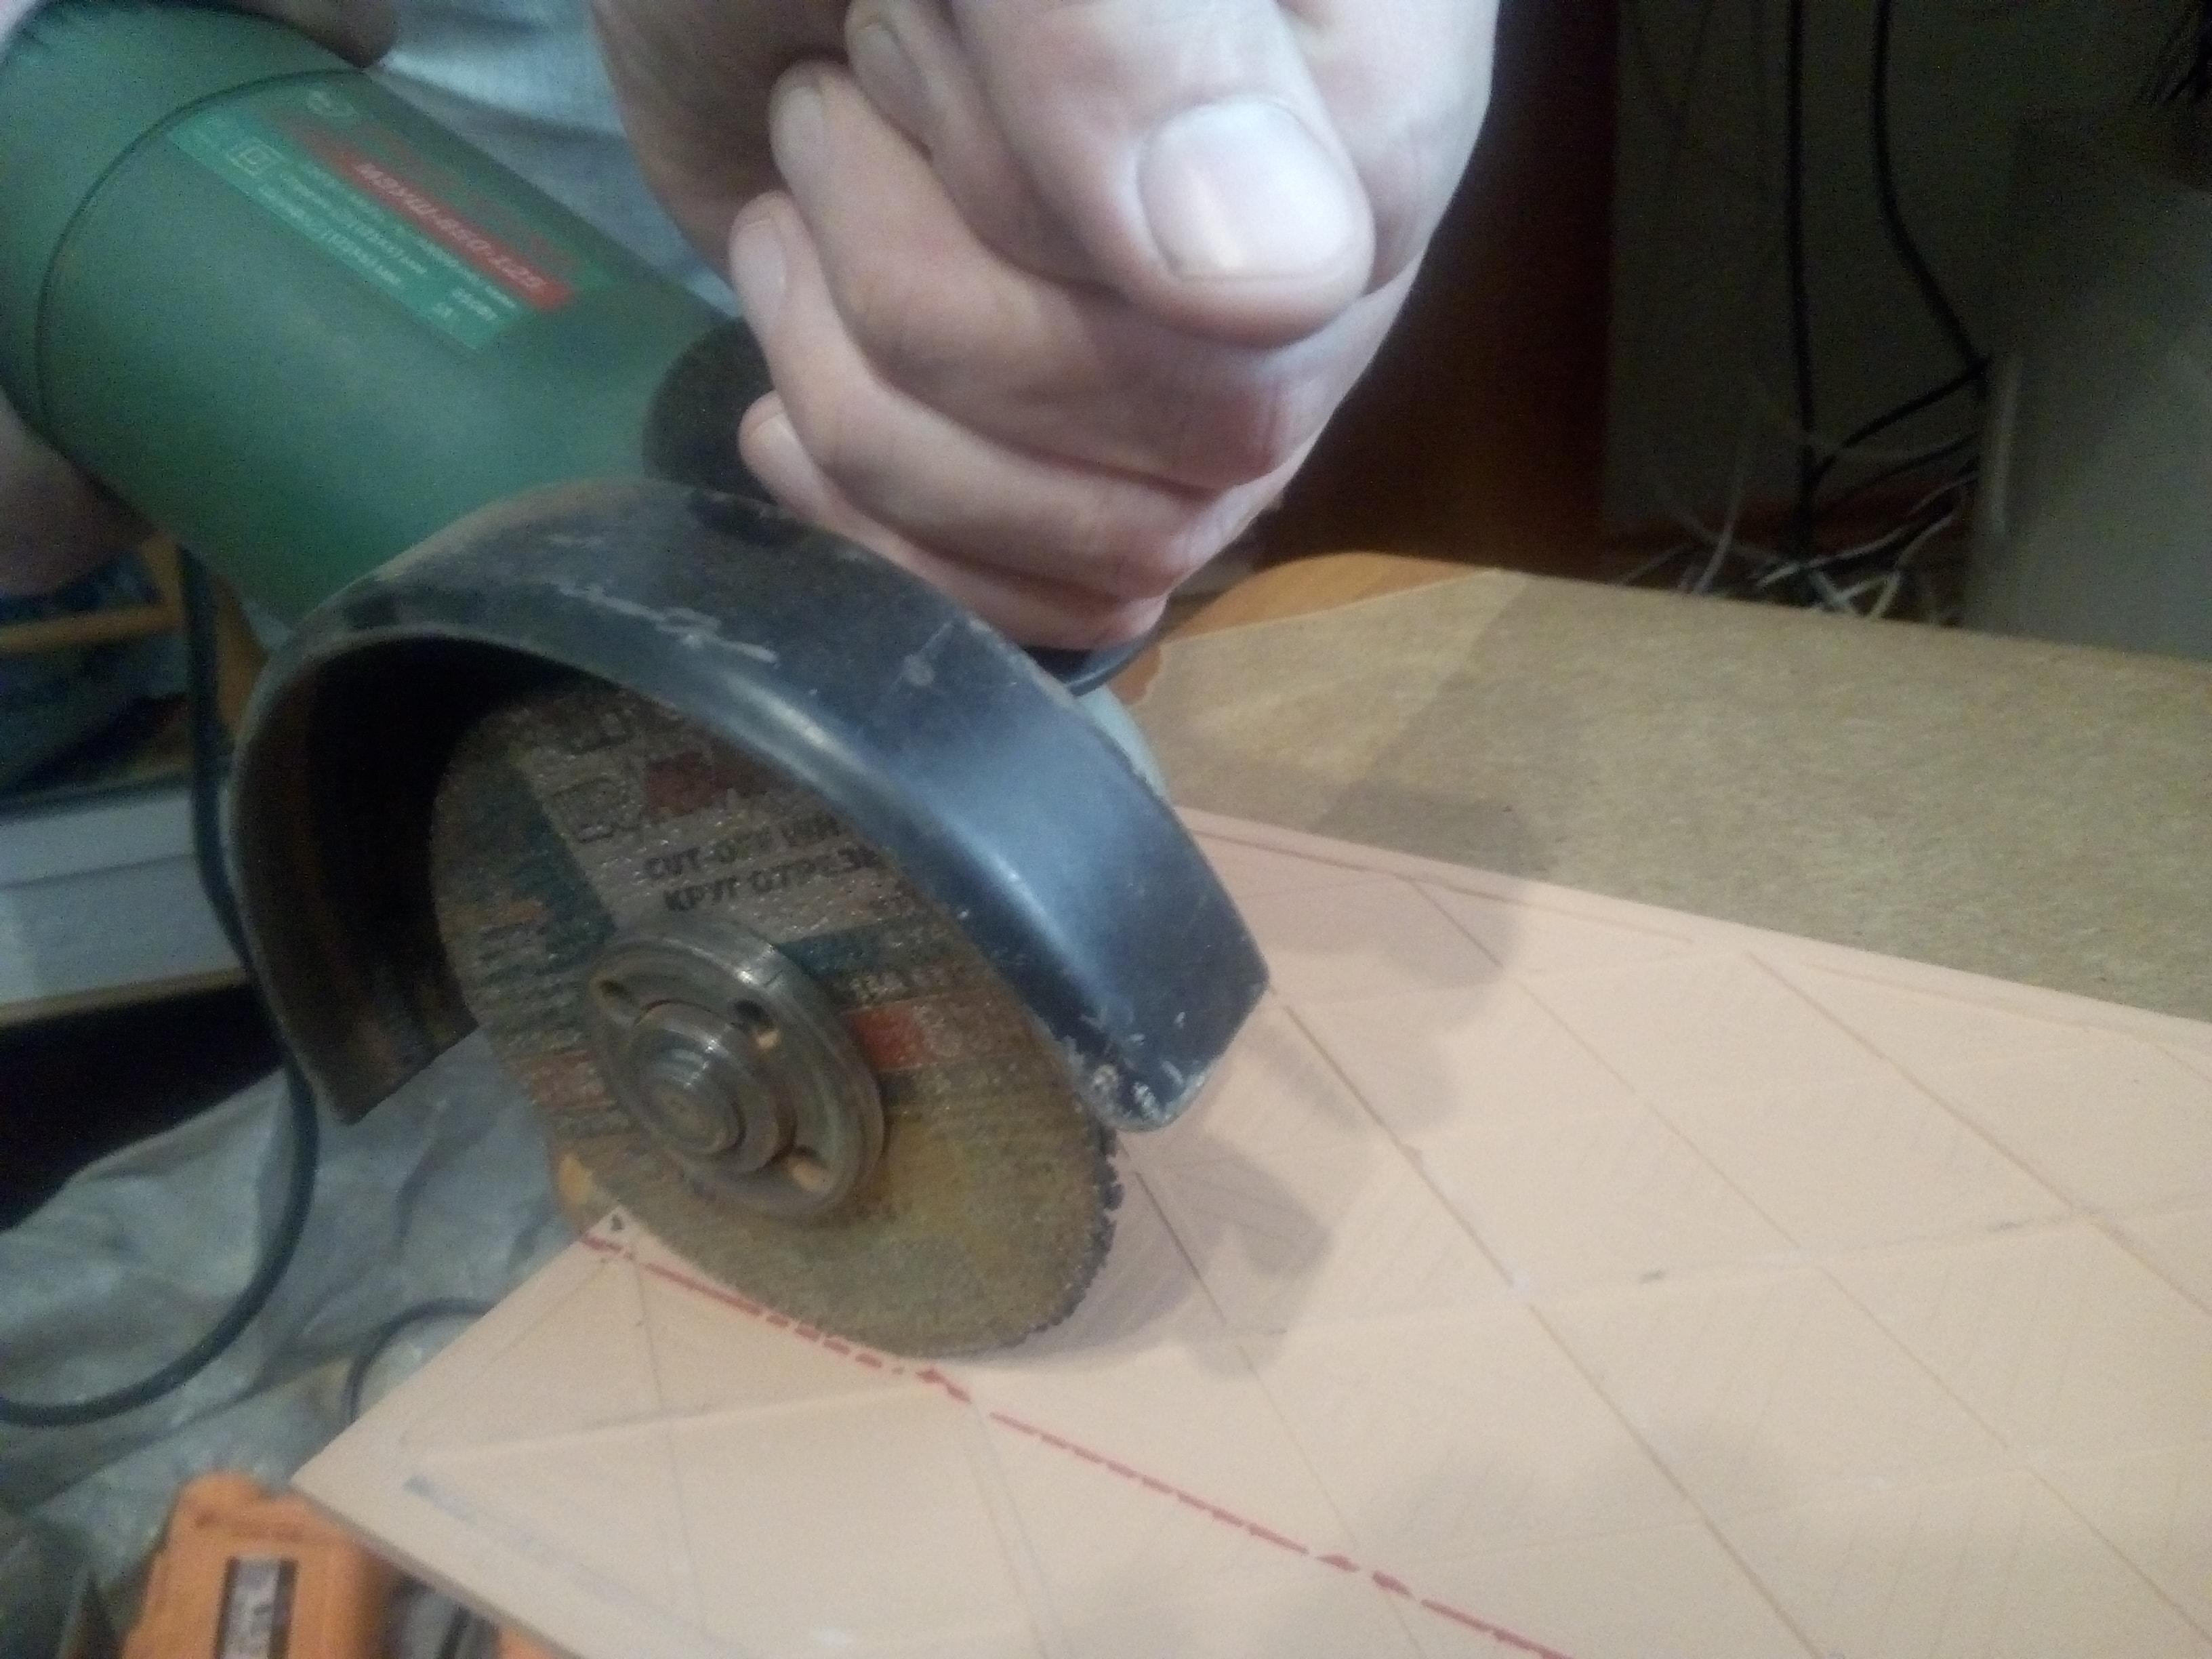 резка керамической плитки с обратной стороны